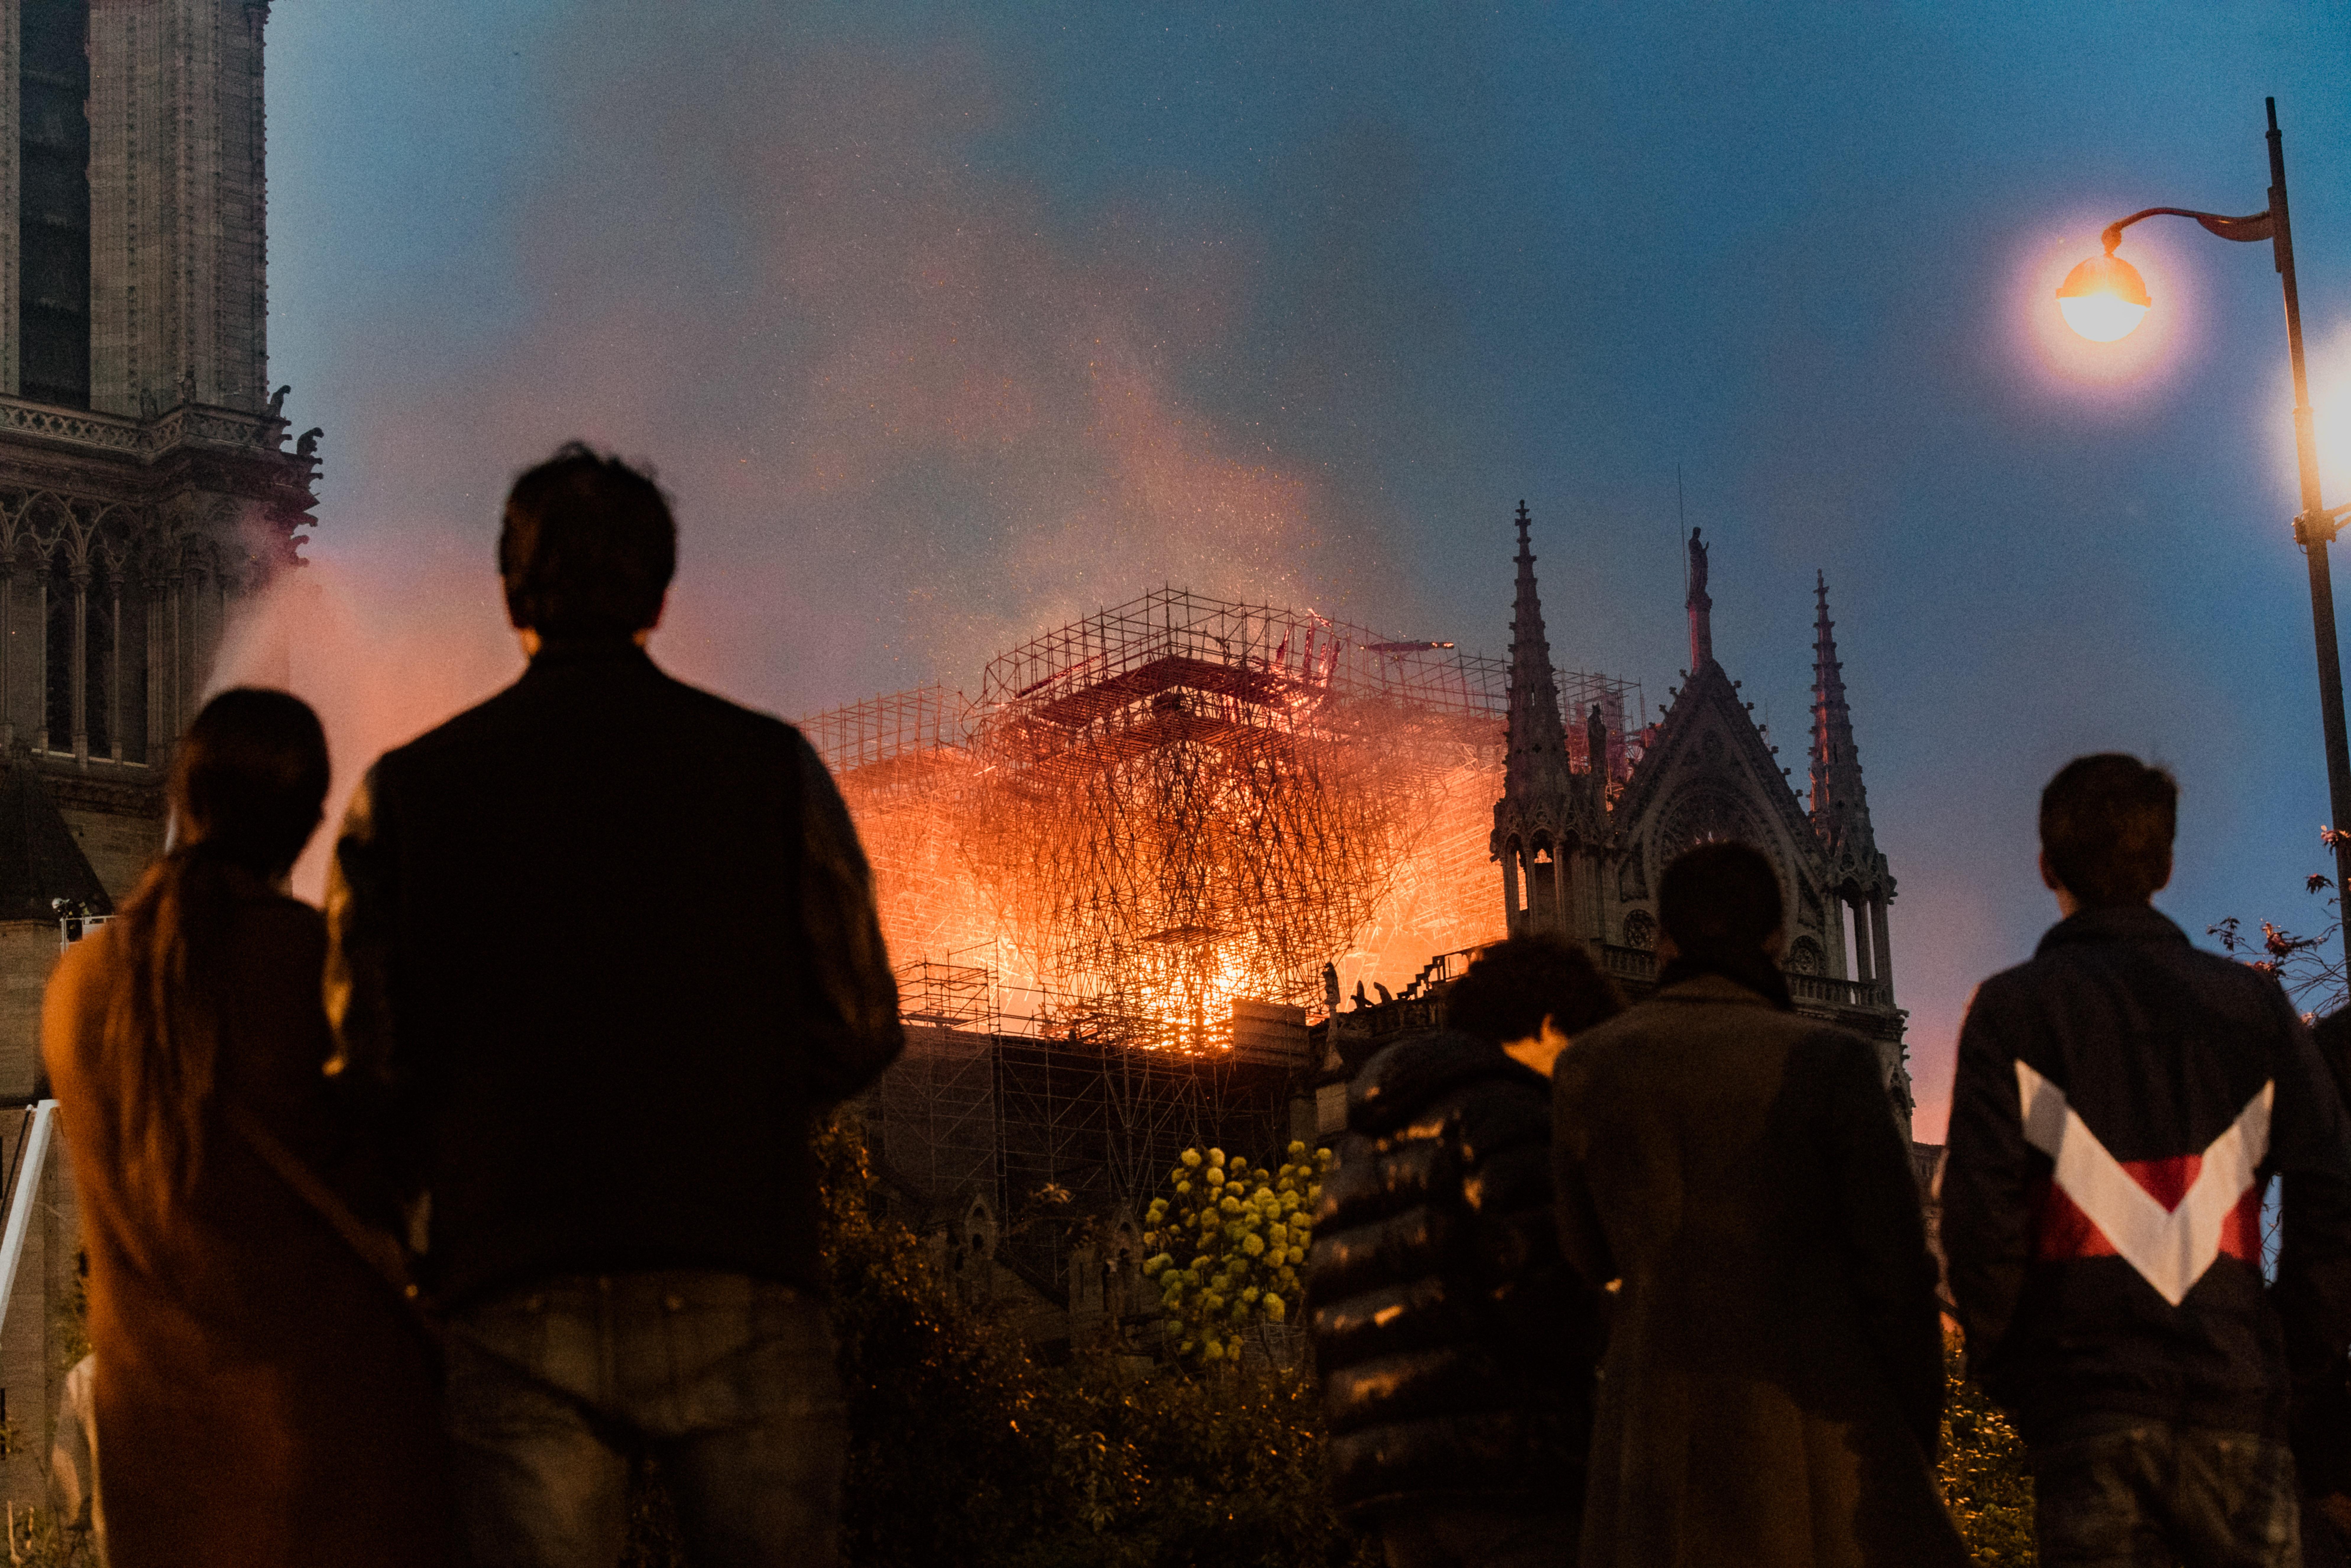 一年前的四月十五日,巴黎聖母院大火(圖片:法新社)